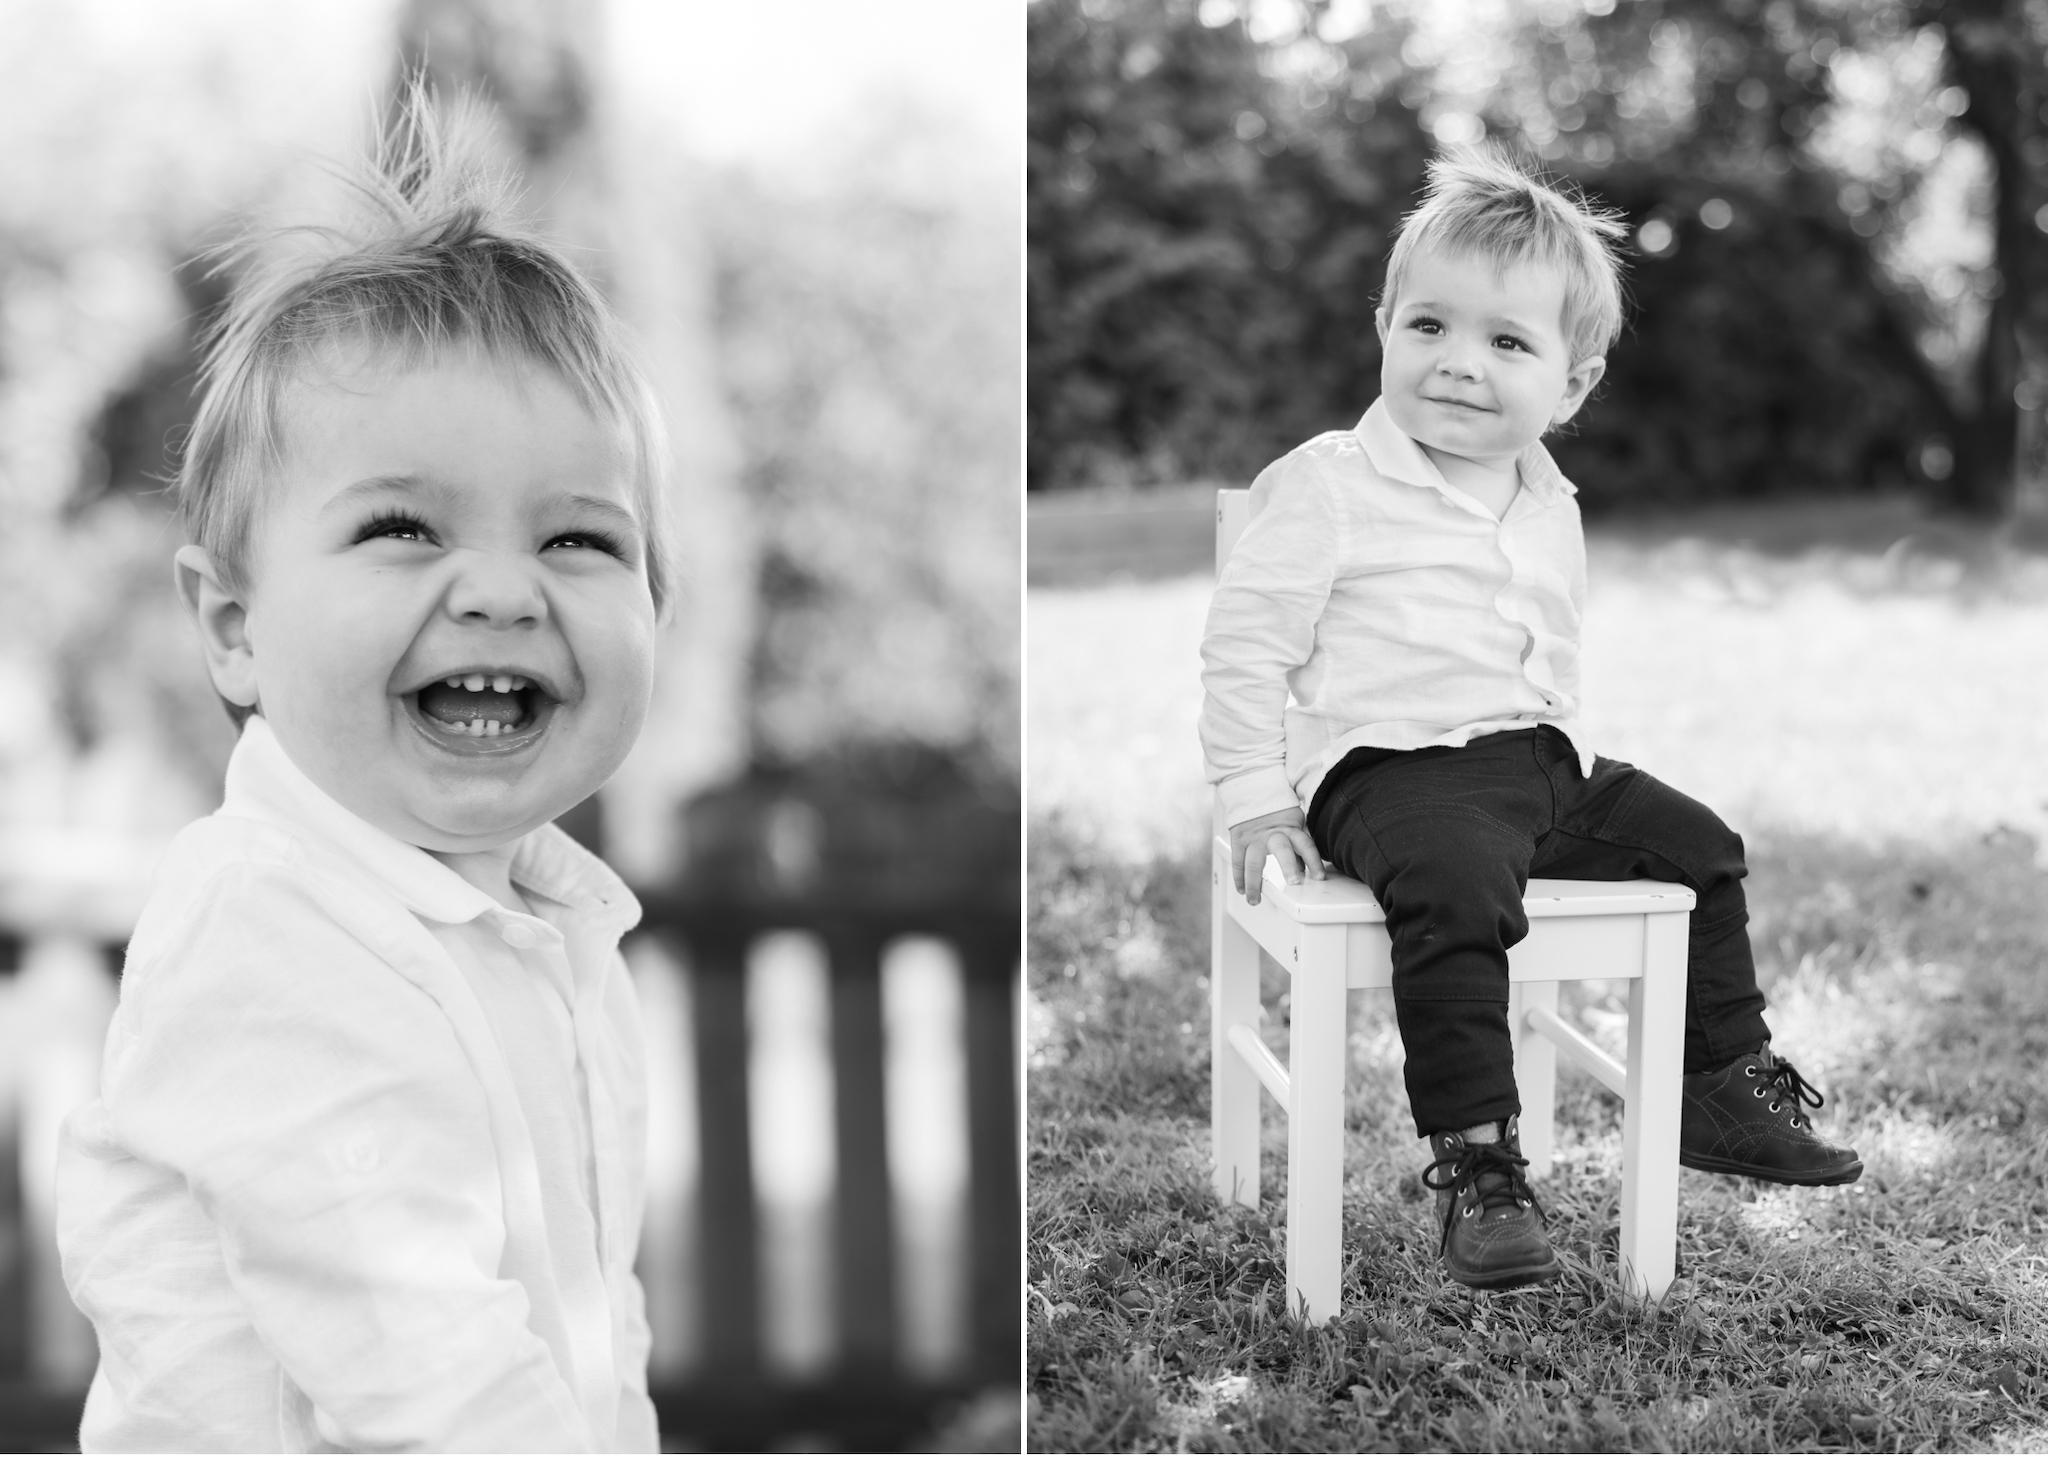 Familjefotografering i trädgården Barnfotograf Täby Stockholm